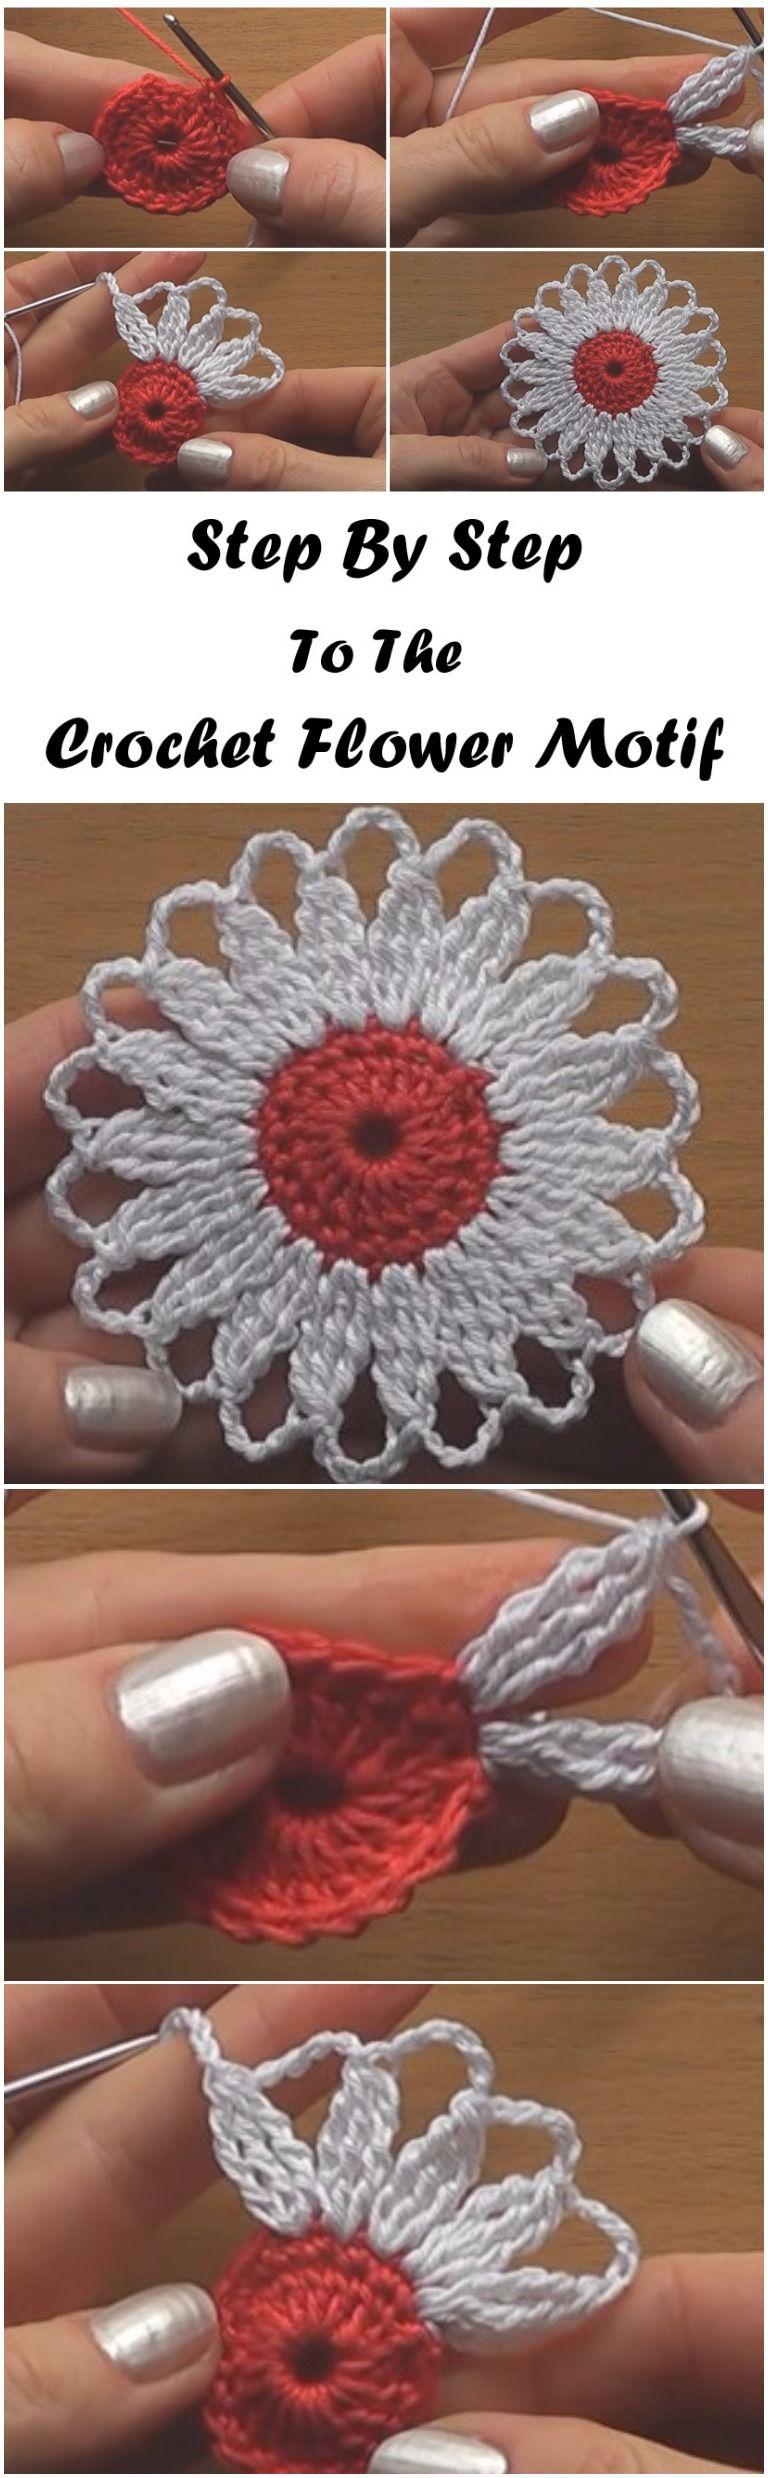 Häkelblumenmotiv Schritt für Schritt - Tutorial | Stricken Site #crochetflowers